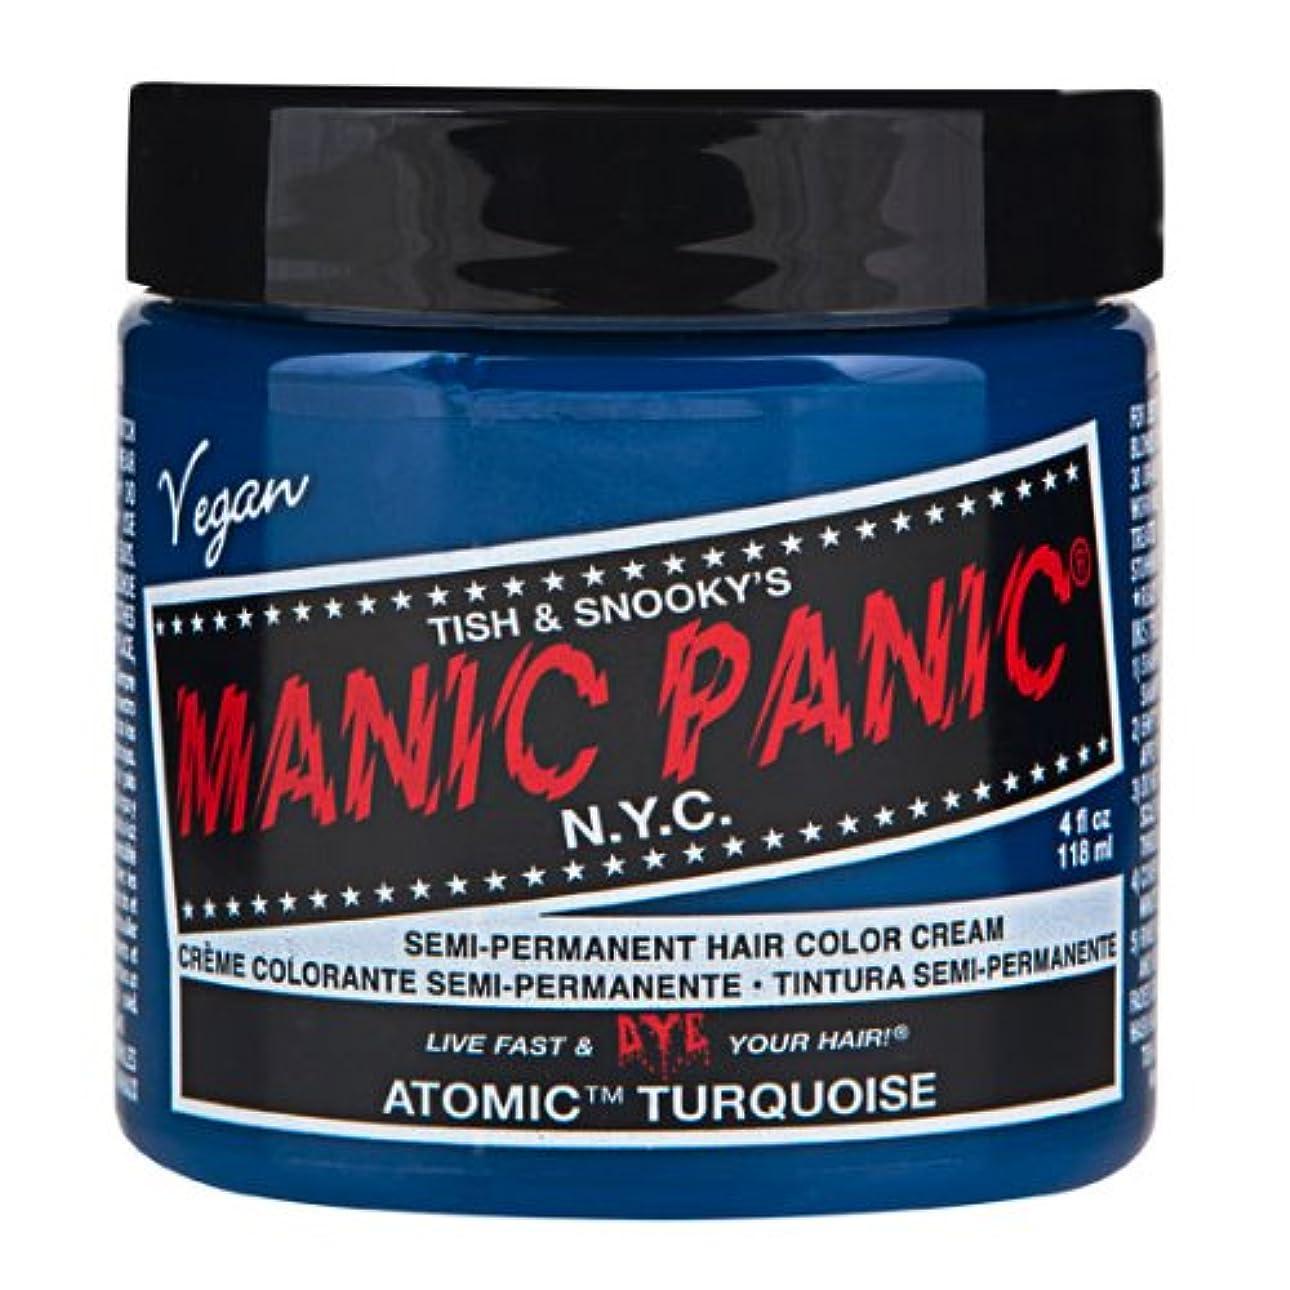 ガム仕様リネンマニックパニック MANIC PANIC ヘアカラー 118mlアトミックターコイズ ヘアーカラー